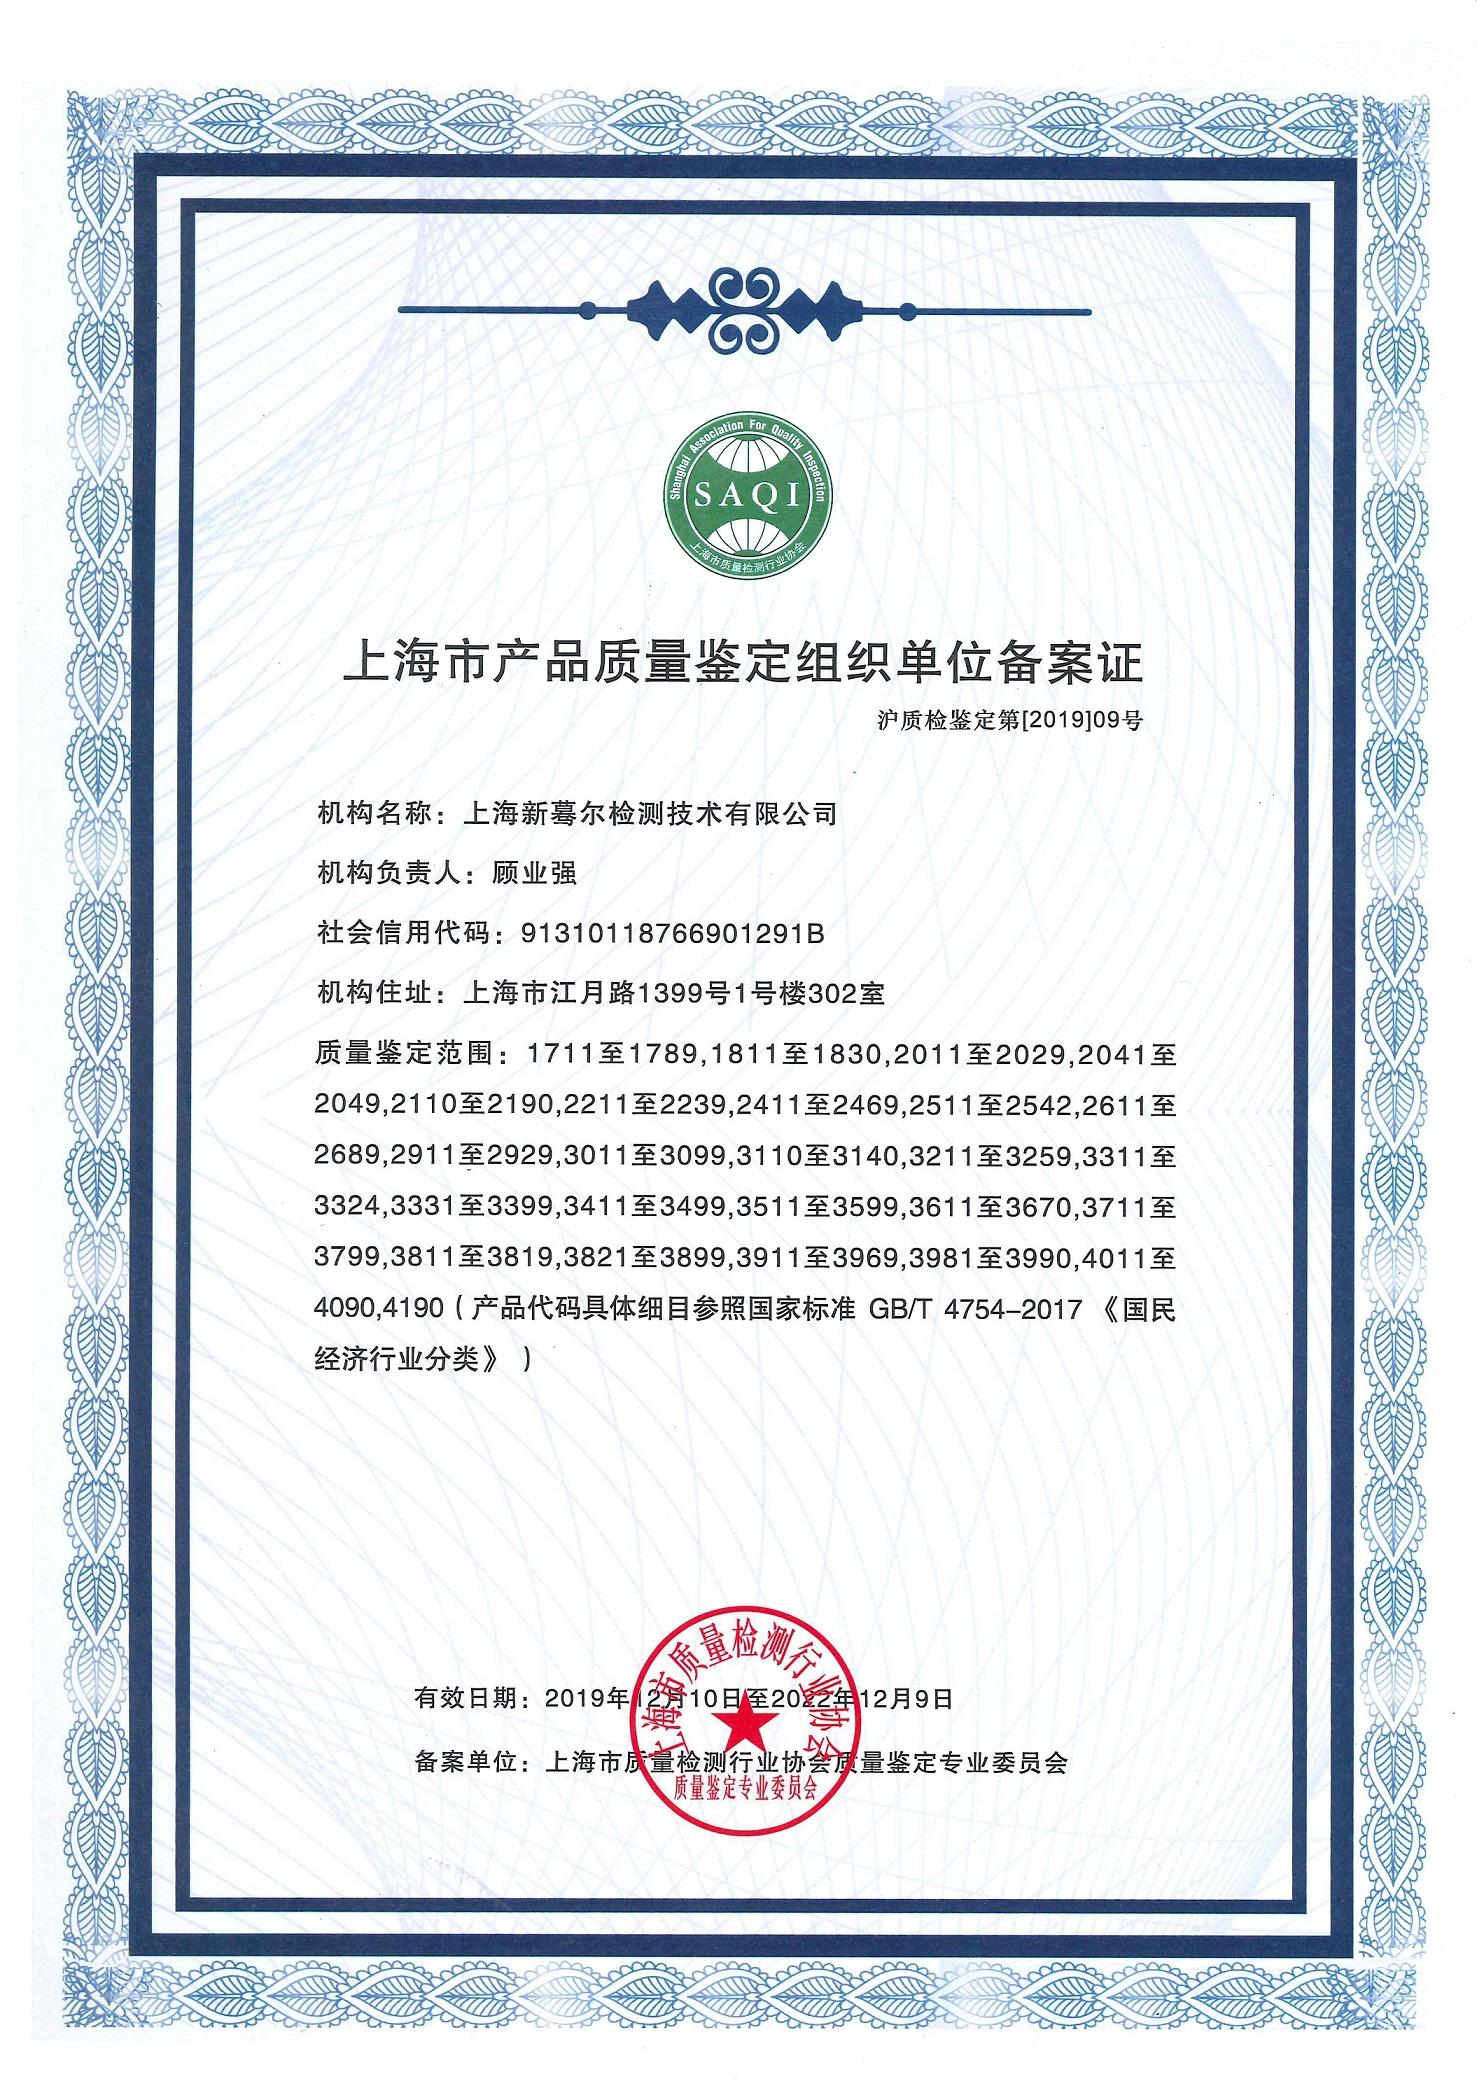 上海市质量协会批准认可的产品质量鉴定范围